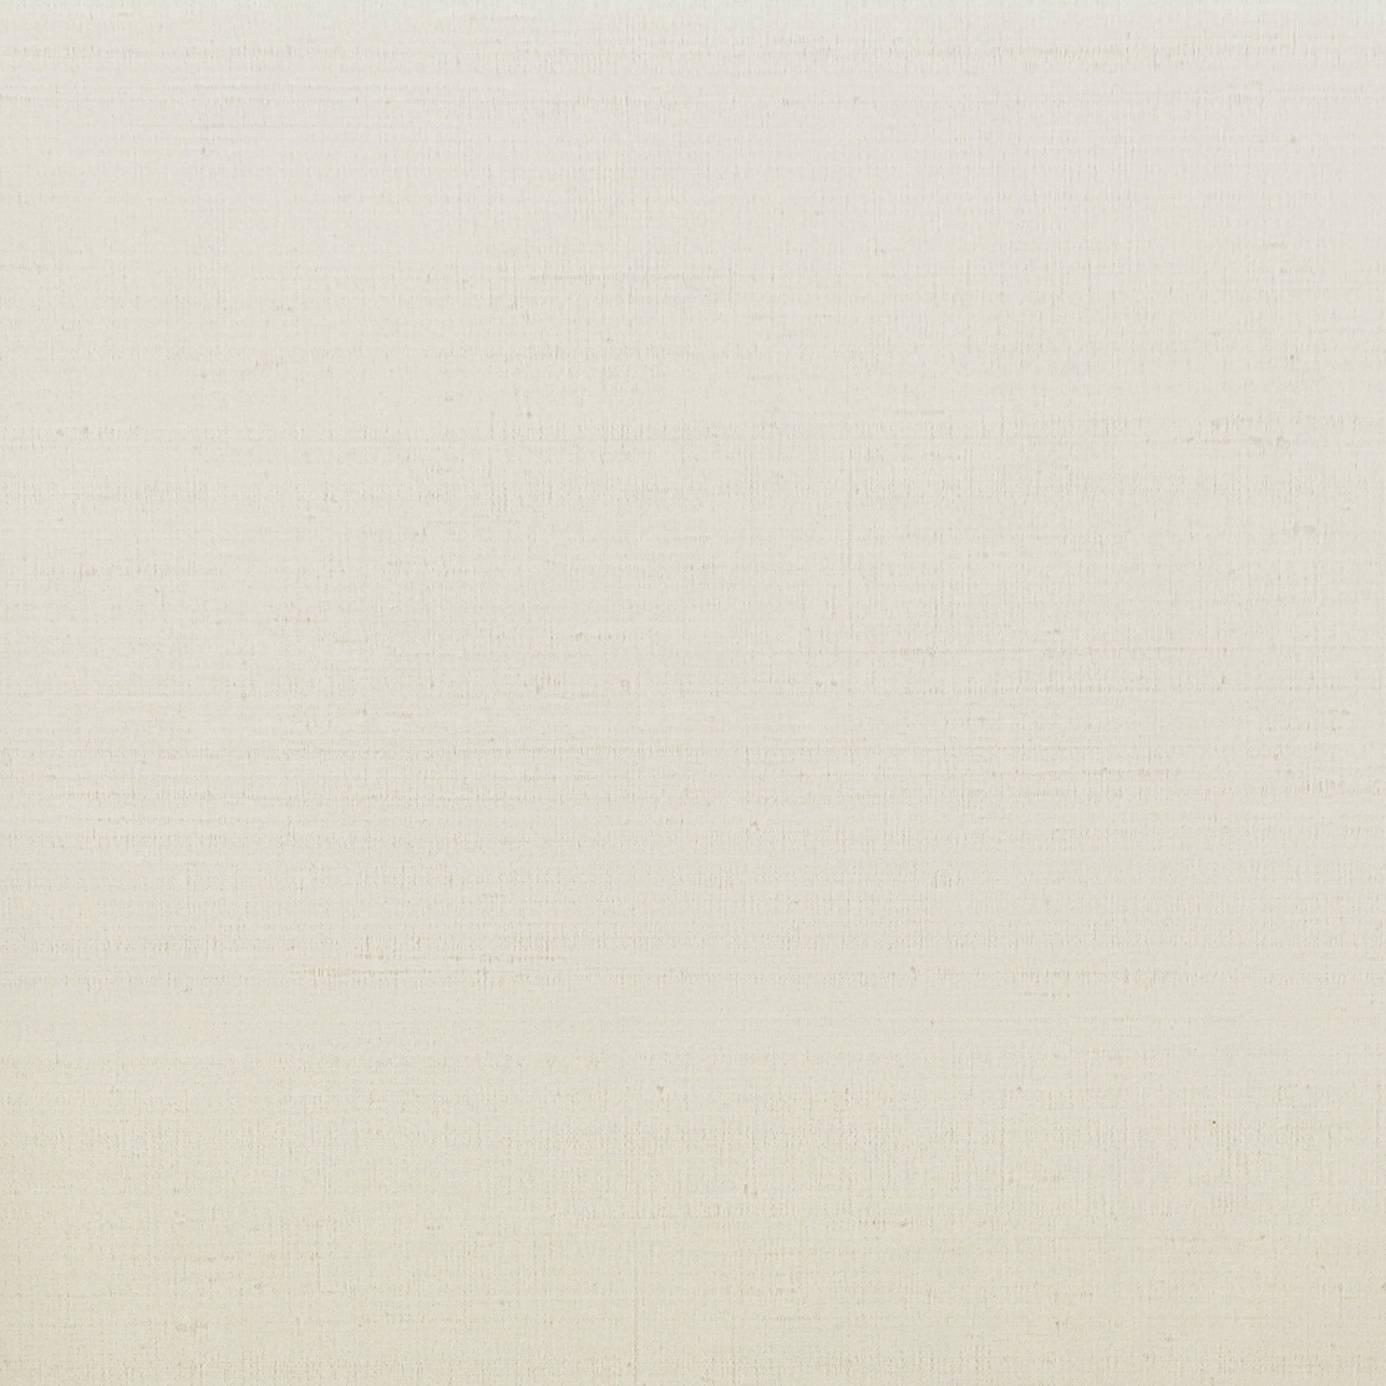 Английские обои Prestigious, коллекция Galleria, артикул 1606/007